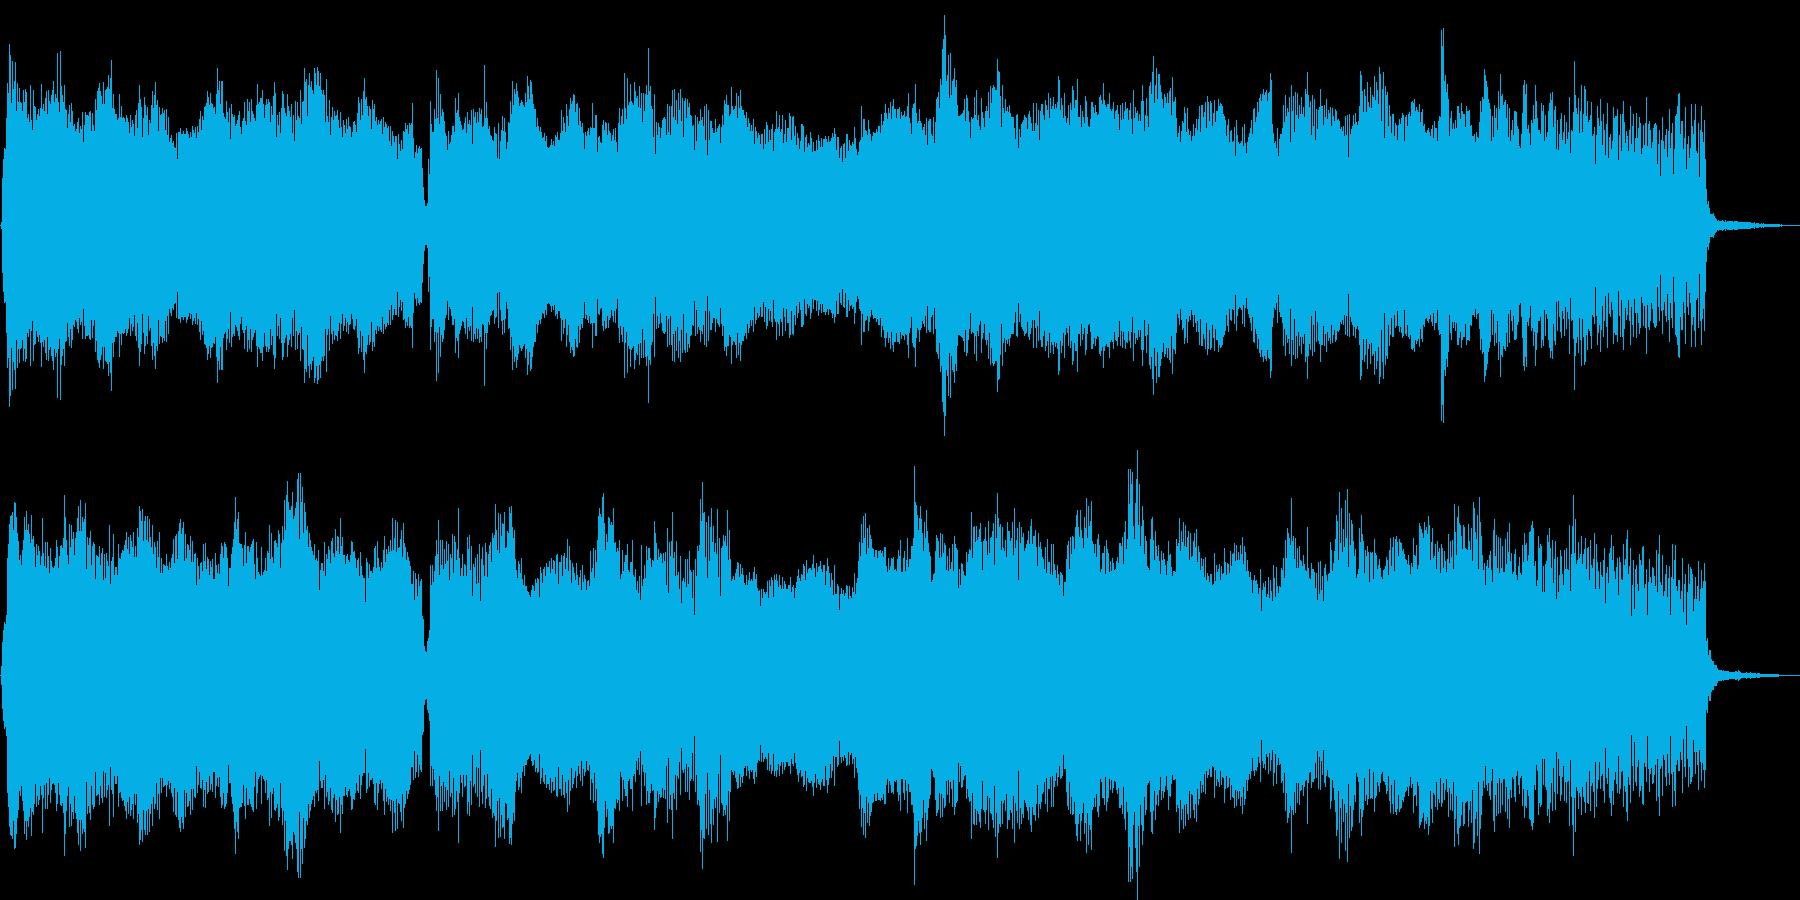 ほのぼのした雰囲気のポップジングルの再生済みの波形